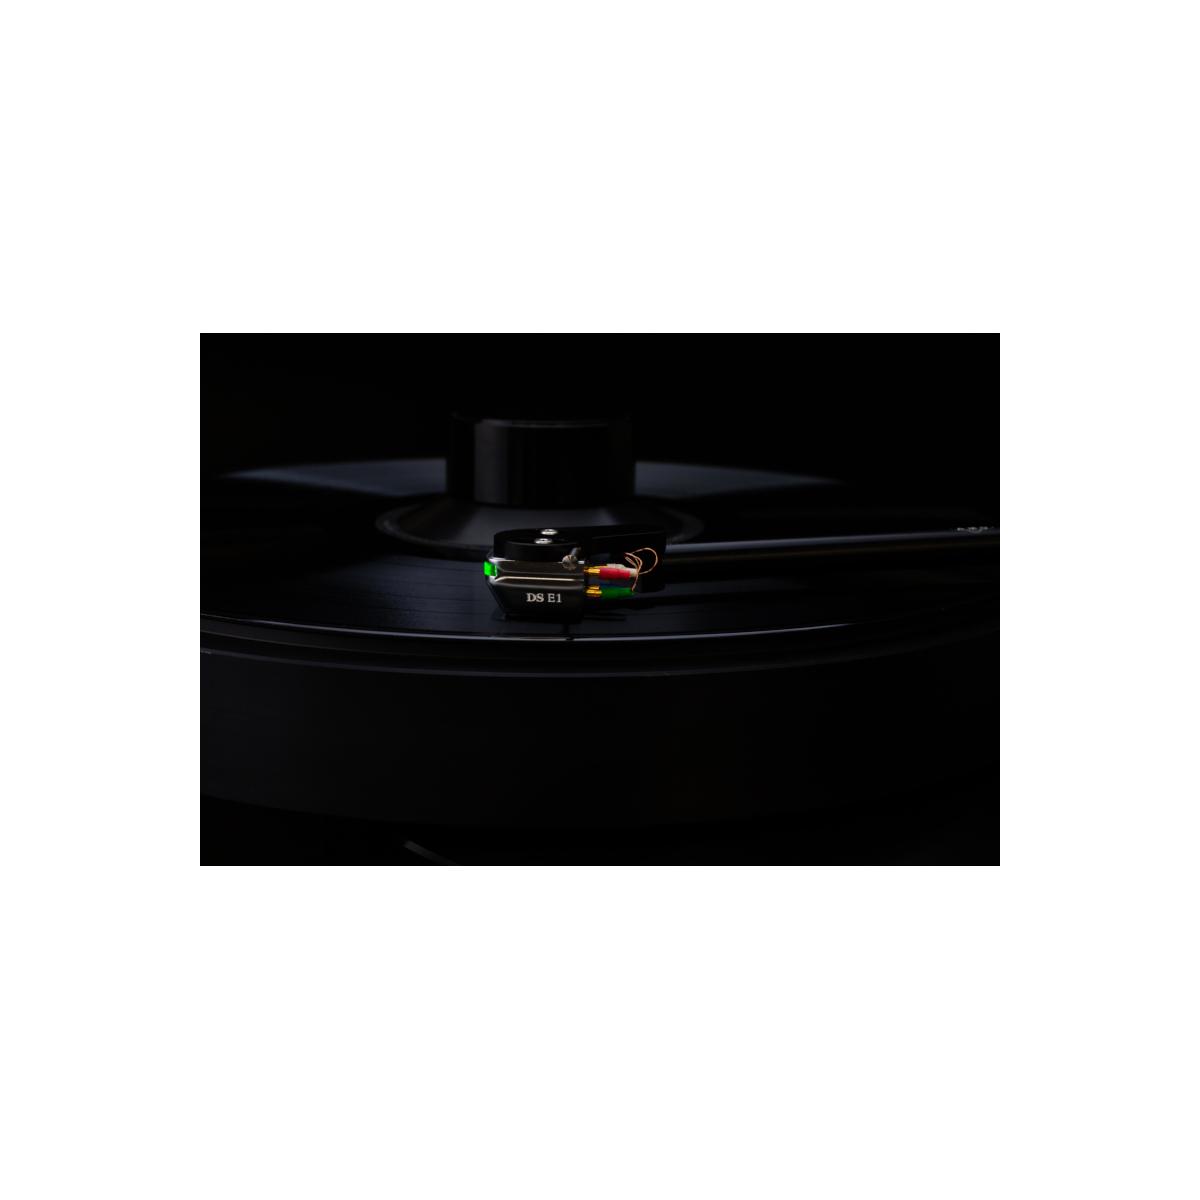 DS Audio DS-E1 ディーエスオーディオ カートリッジ